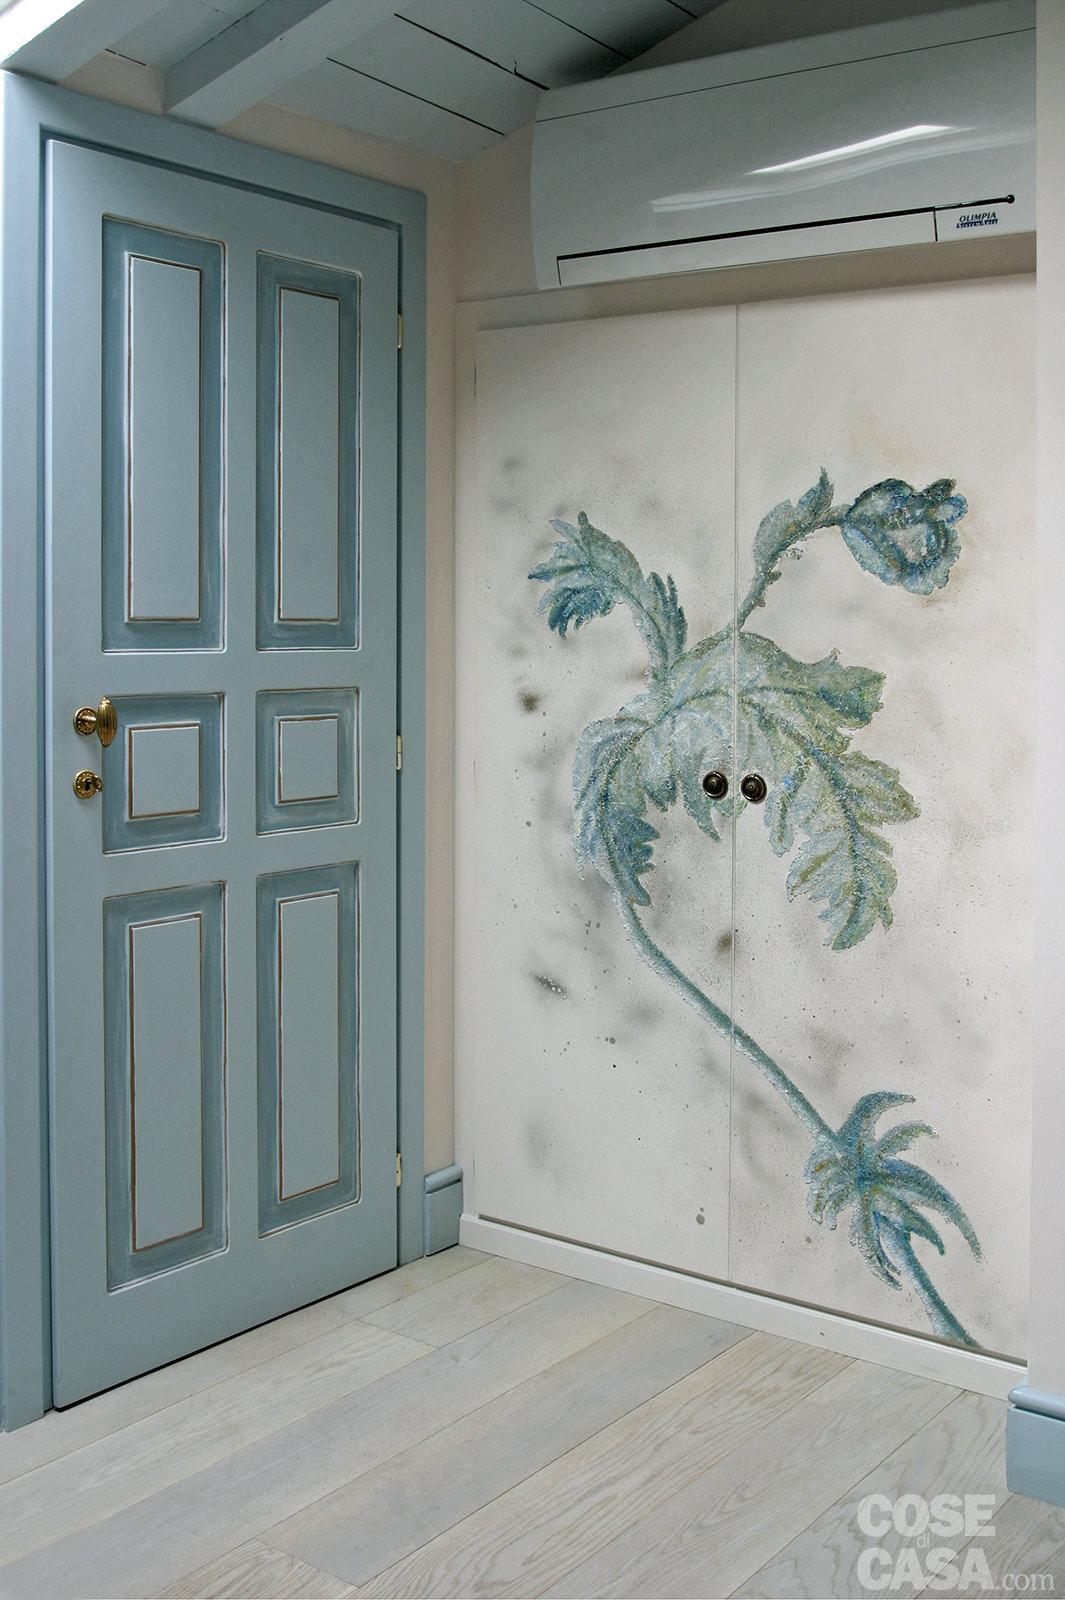 Pittura Shabby Leroy Merlin 8 modi per rinnovare il tuo armadio - architettura e design